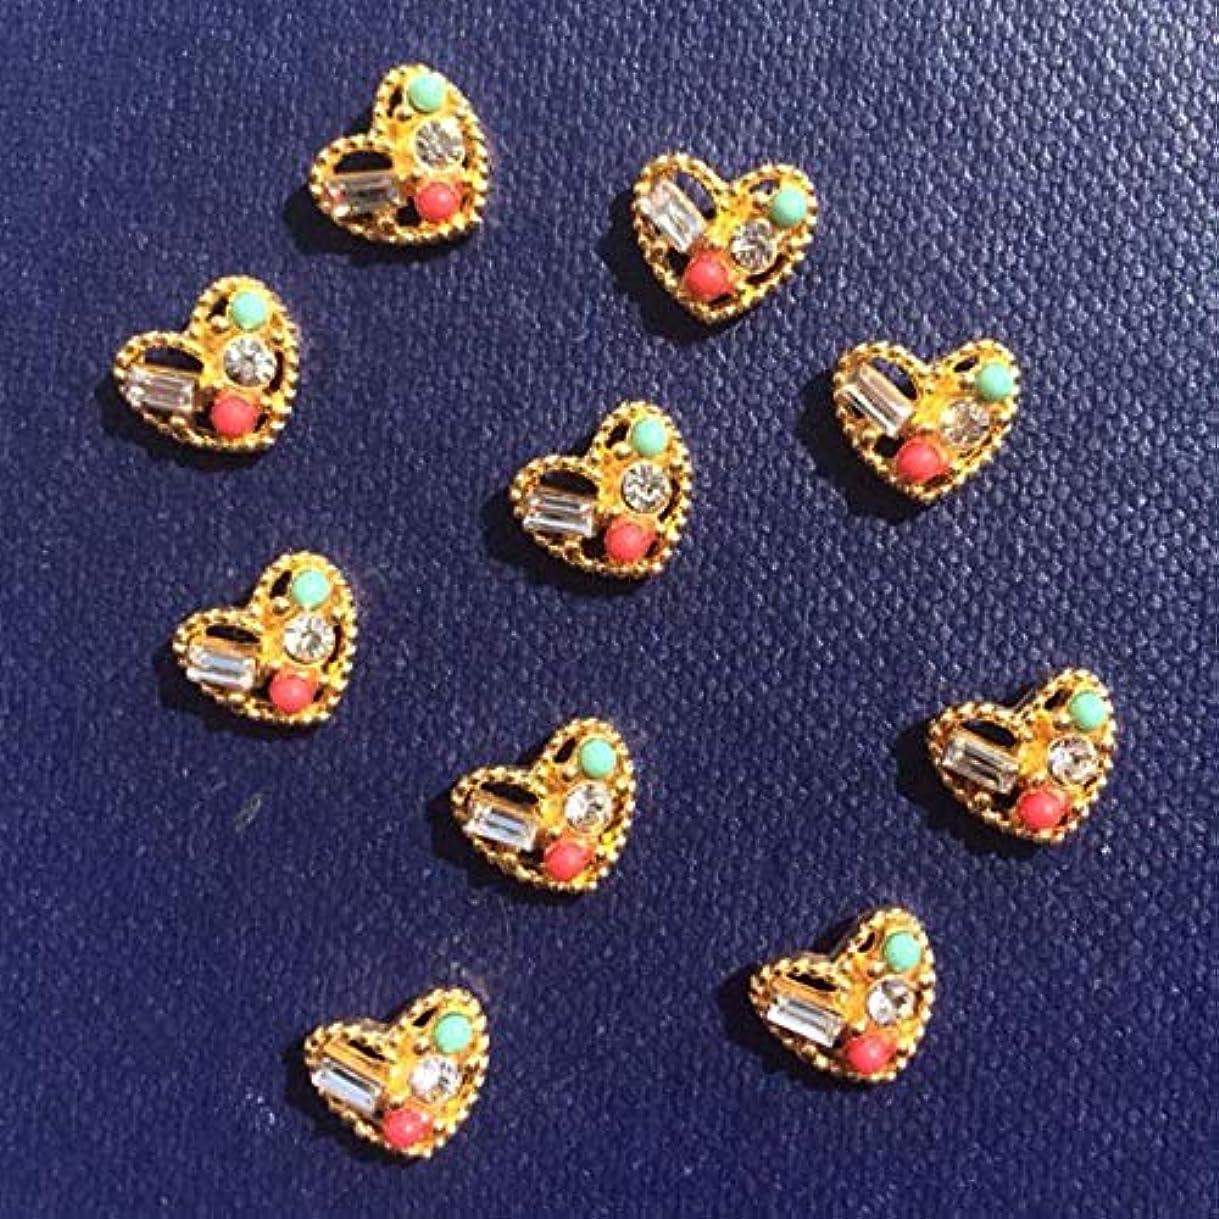 アーチスムーズにパキスタン10個入り/ロットクリアクリスタルラインストーンゴールド合金のラブハートのデザインの3Dラインストーンネイルアートの装飾